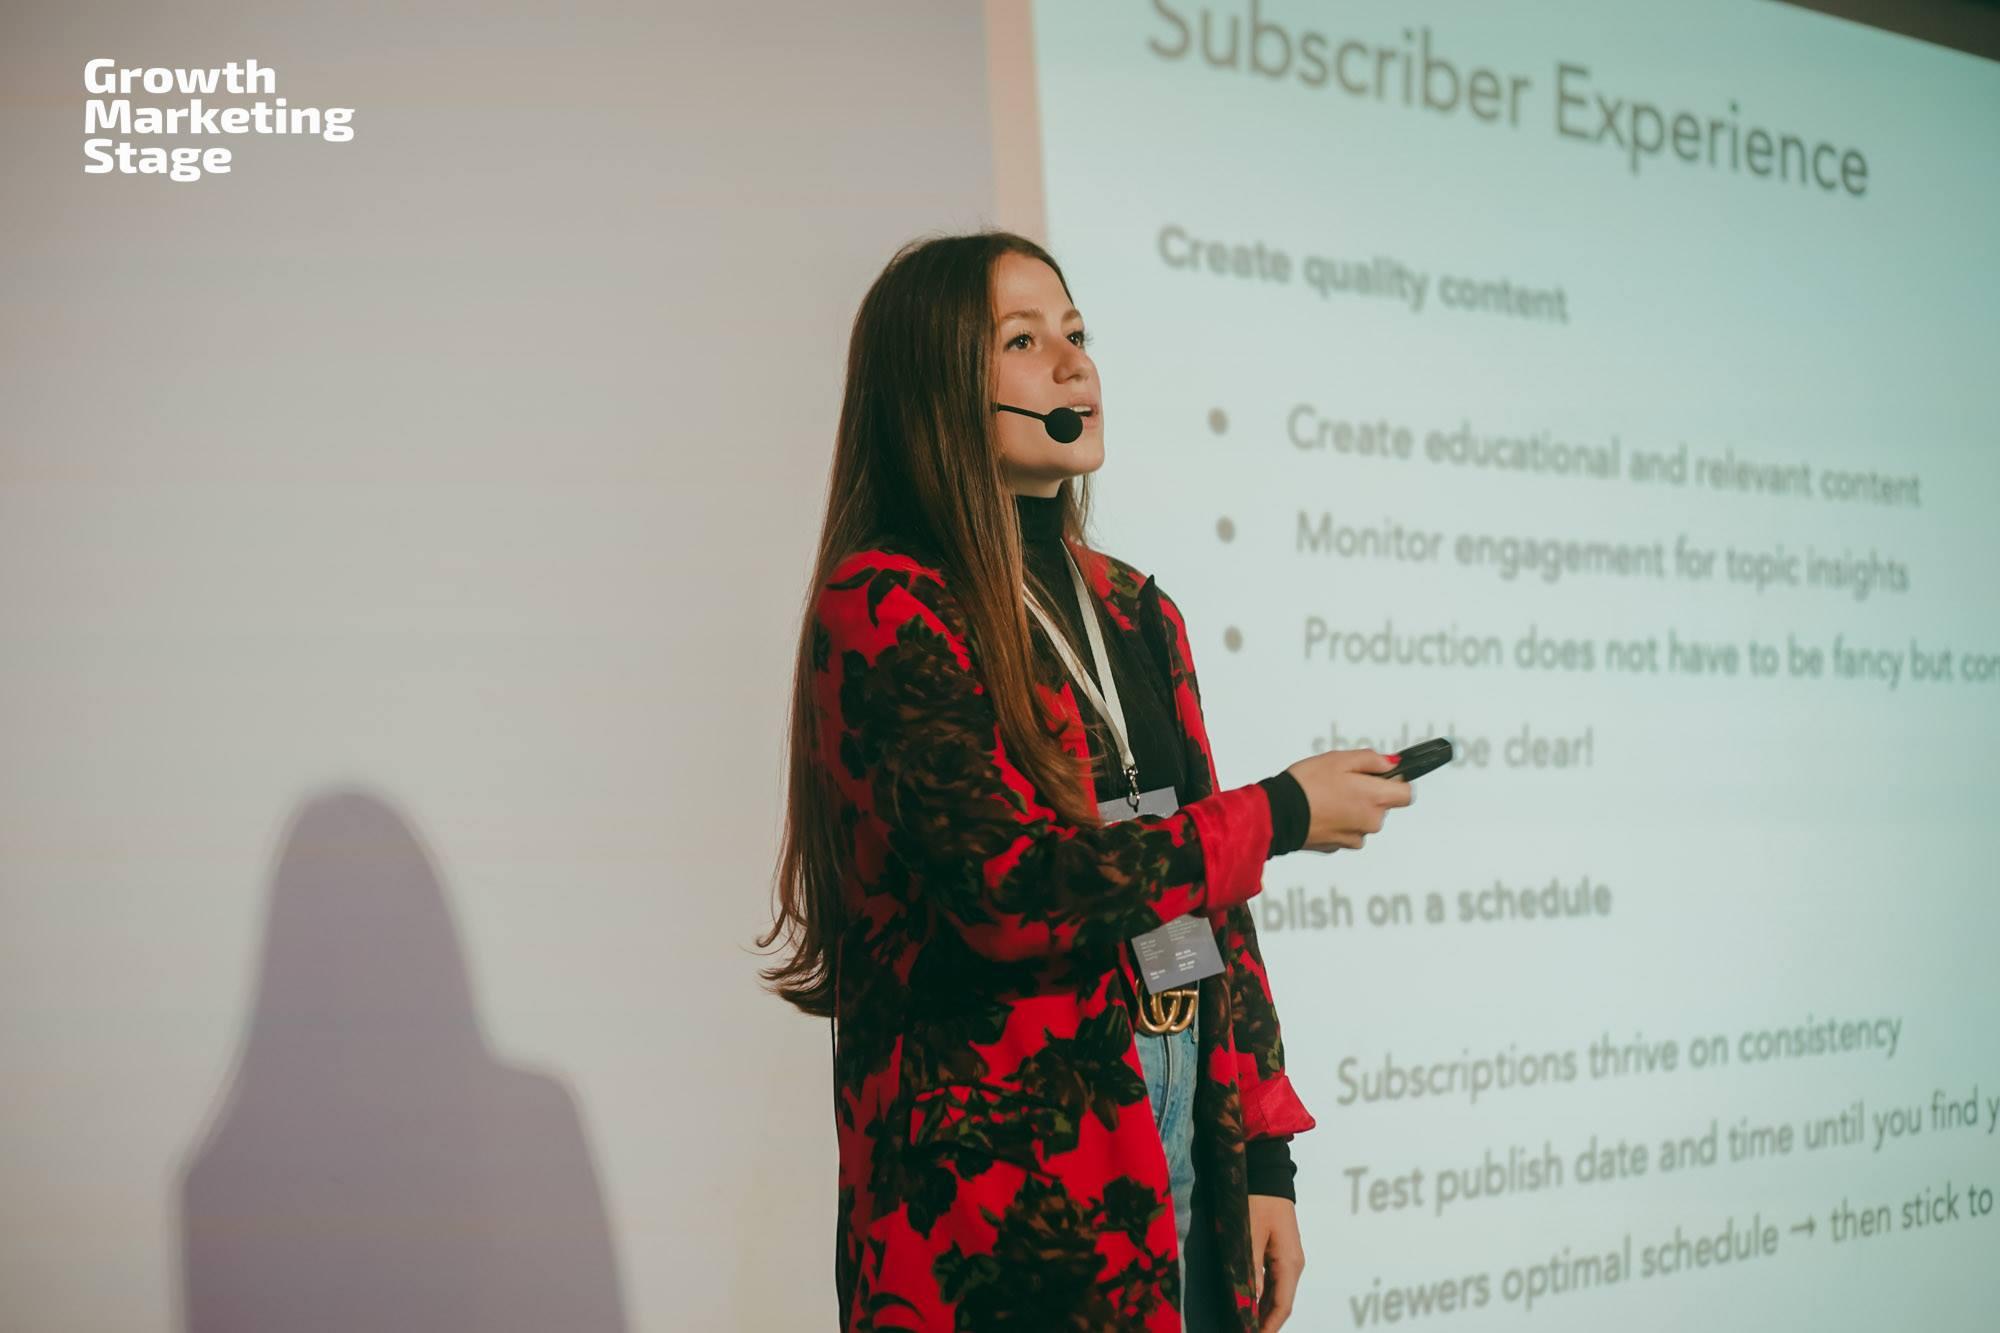 Як розвинути свій YouTube-канал та залучити підписників - підслухано на Growth Marketing Stage 2019 - partners, online-marketing